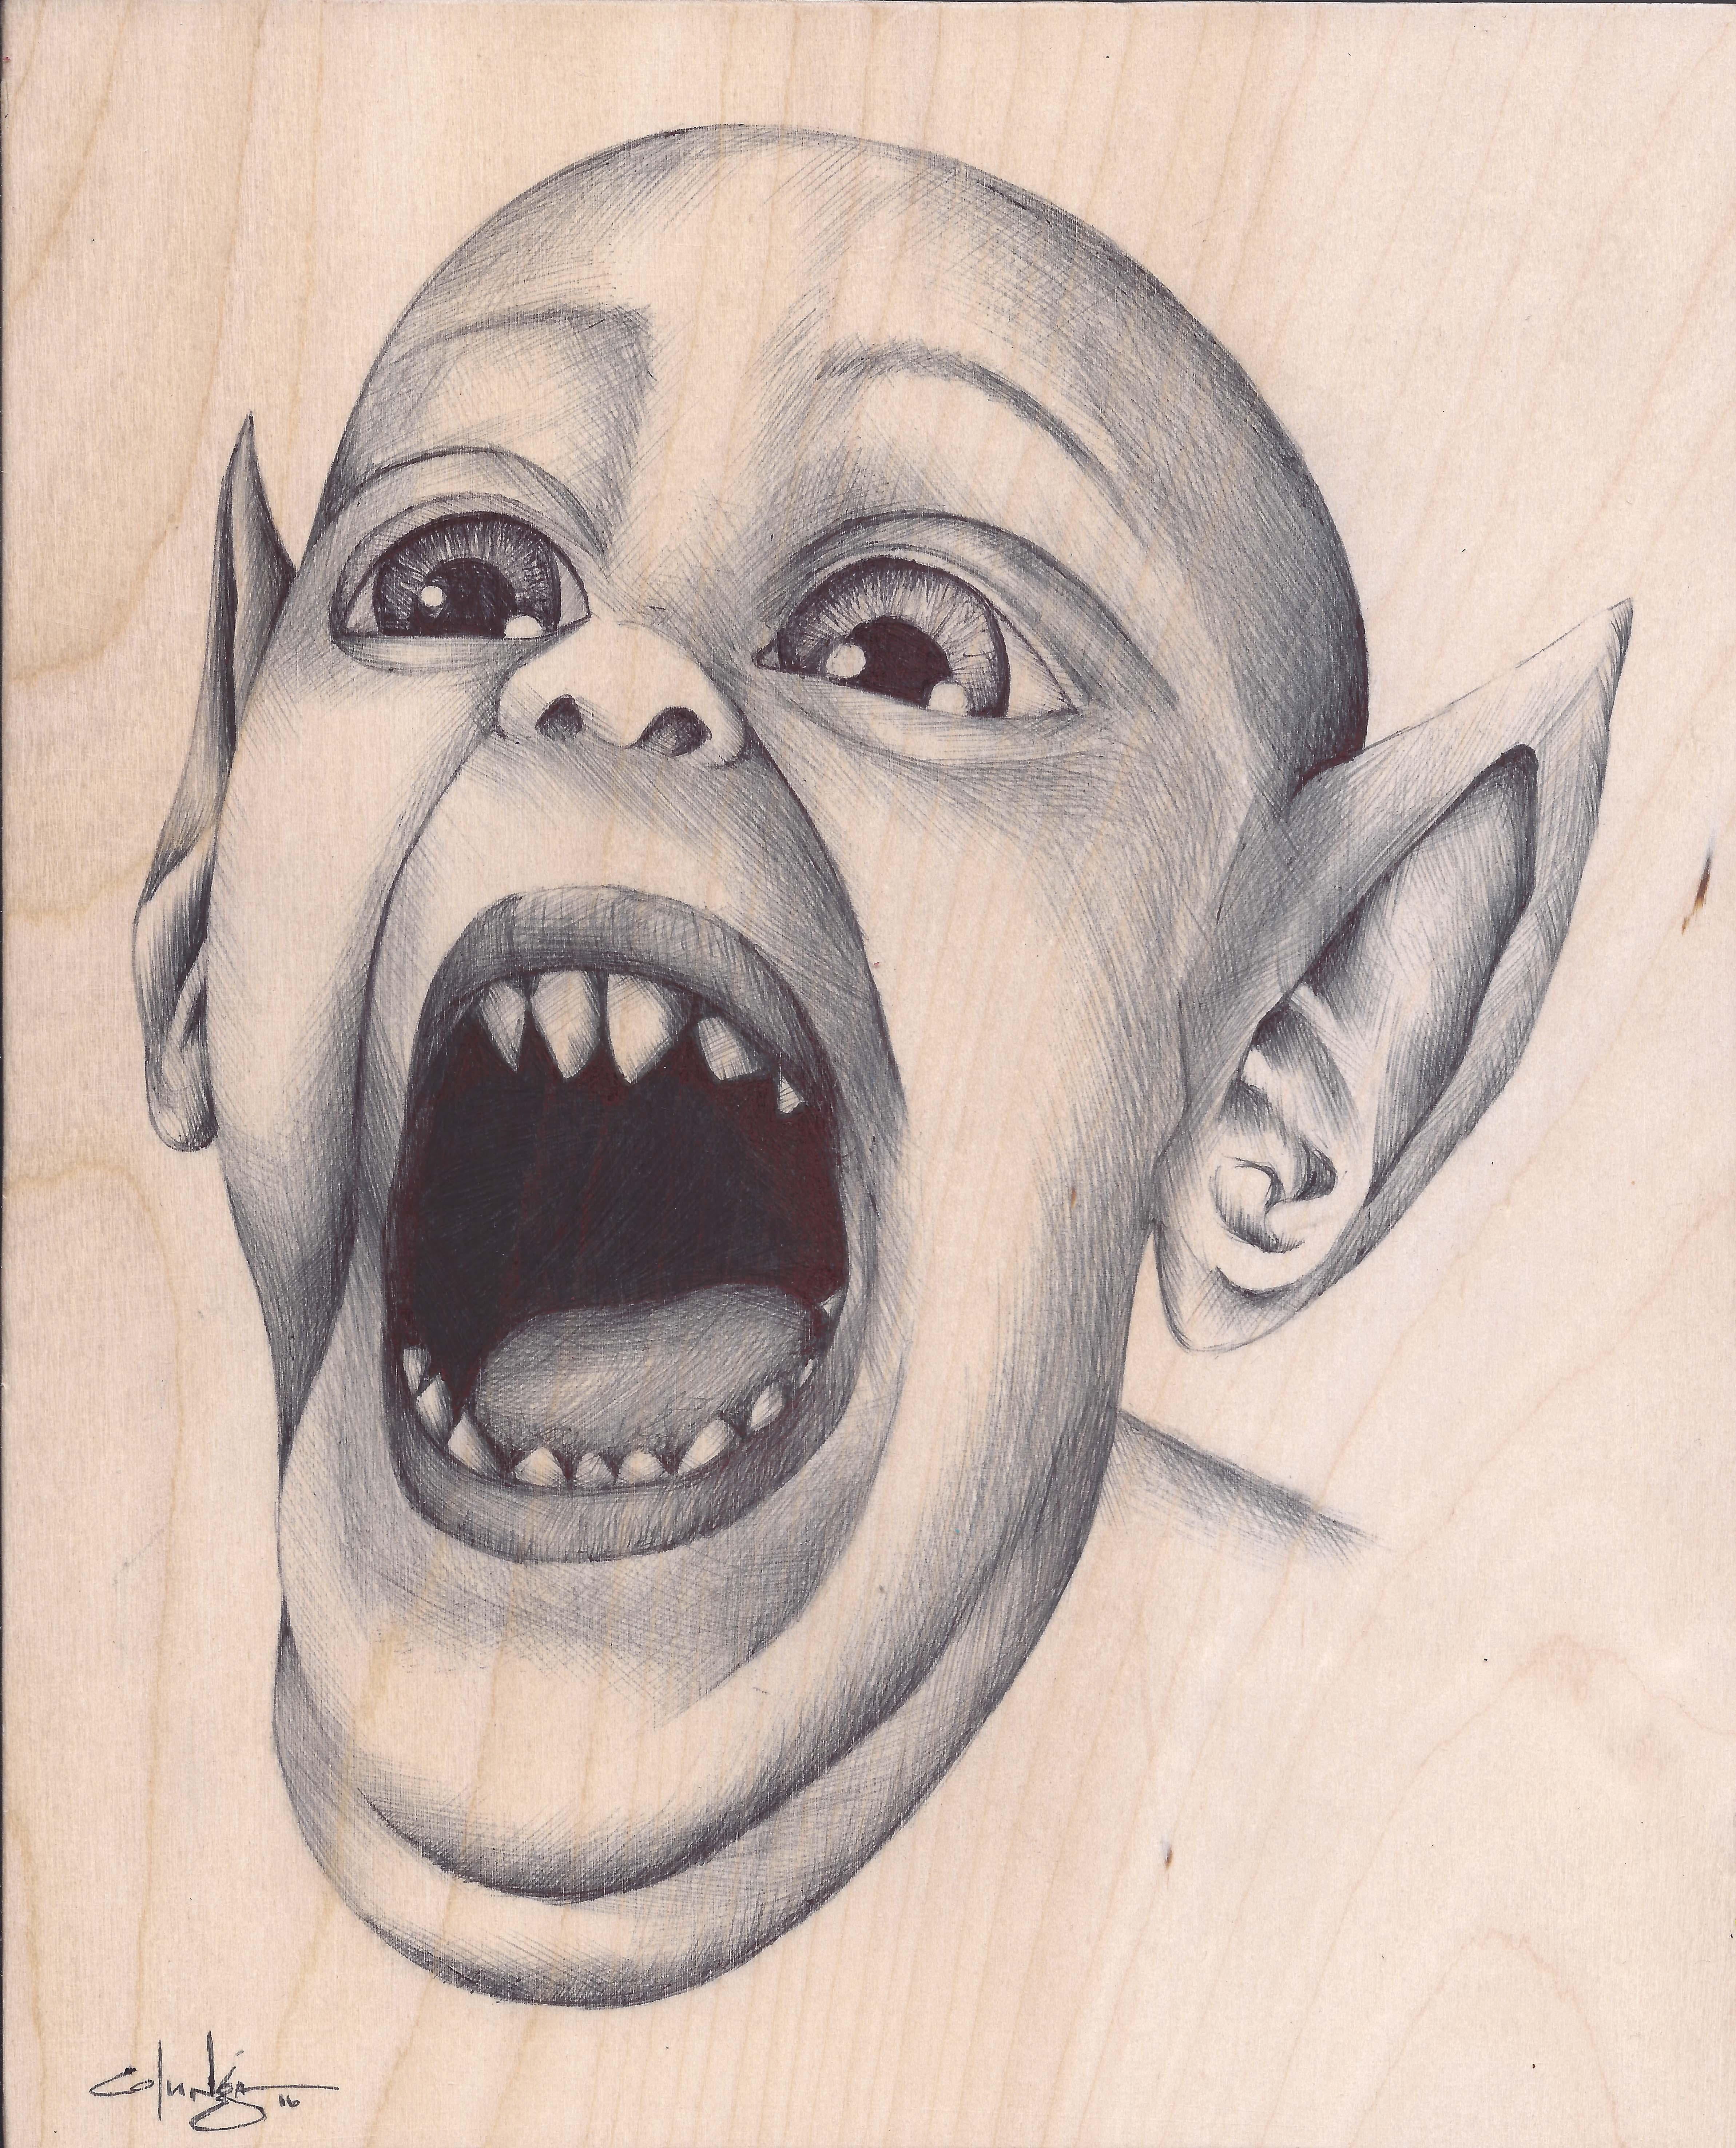 Bat Boy sketch